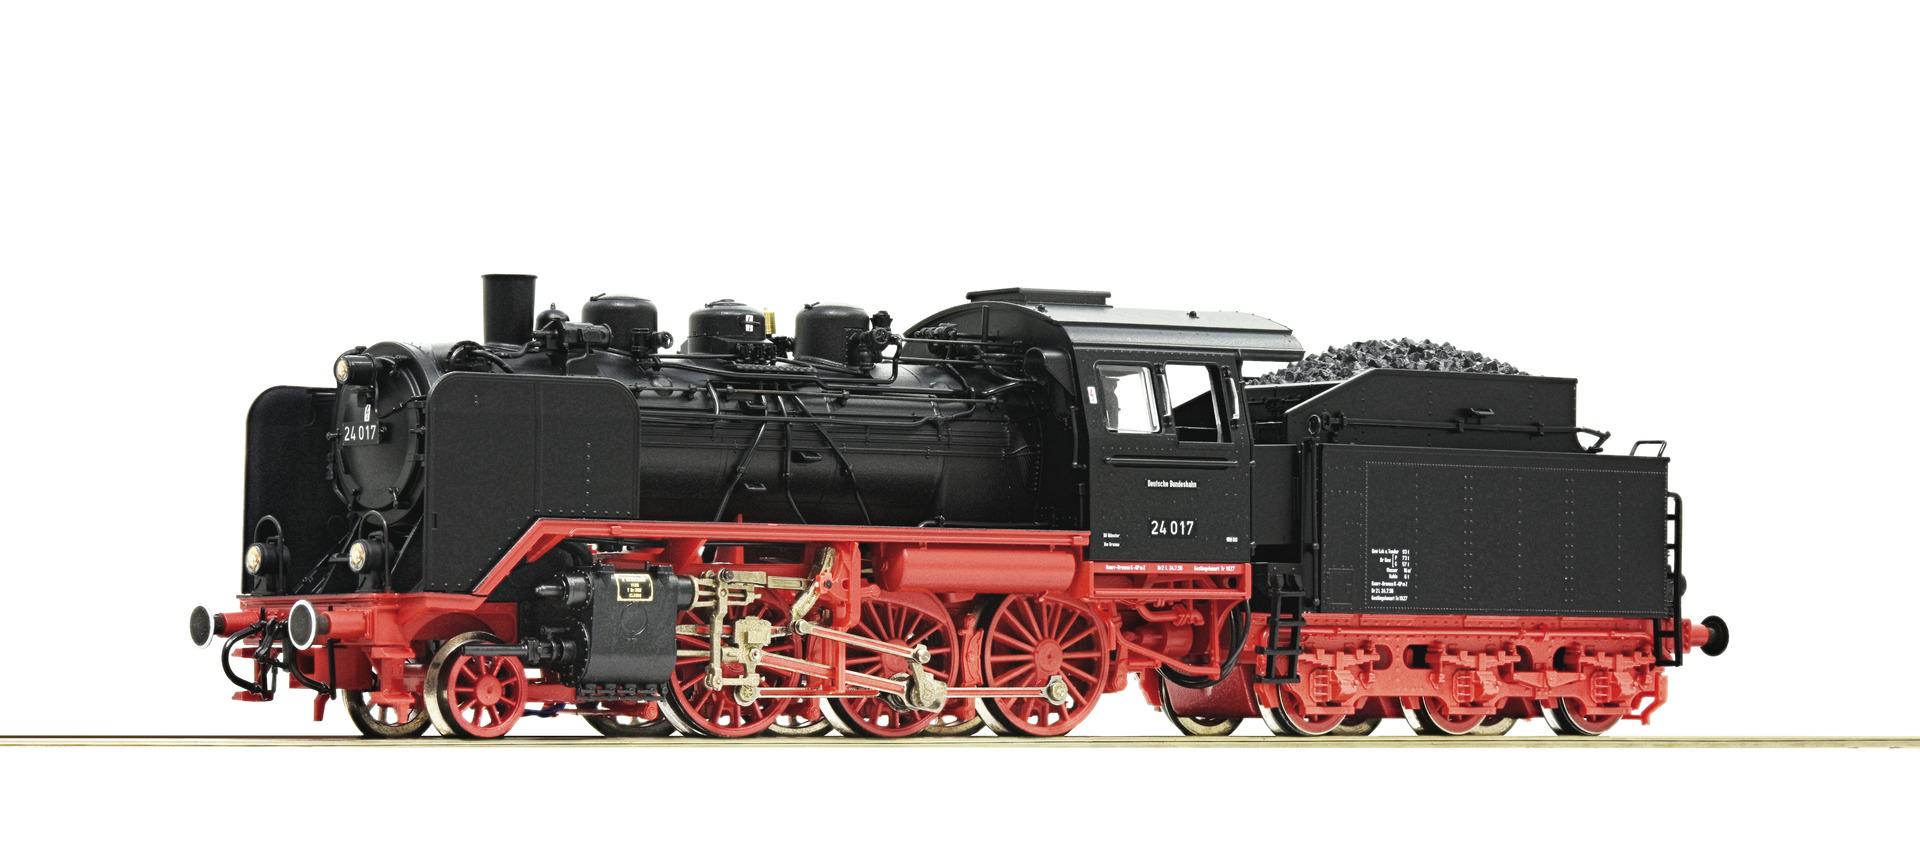 H0 Dampflok 24 017 der DB, Ep.III